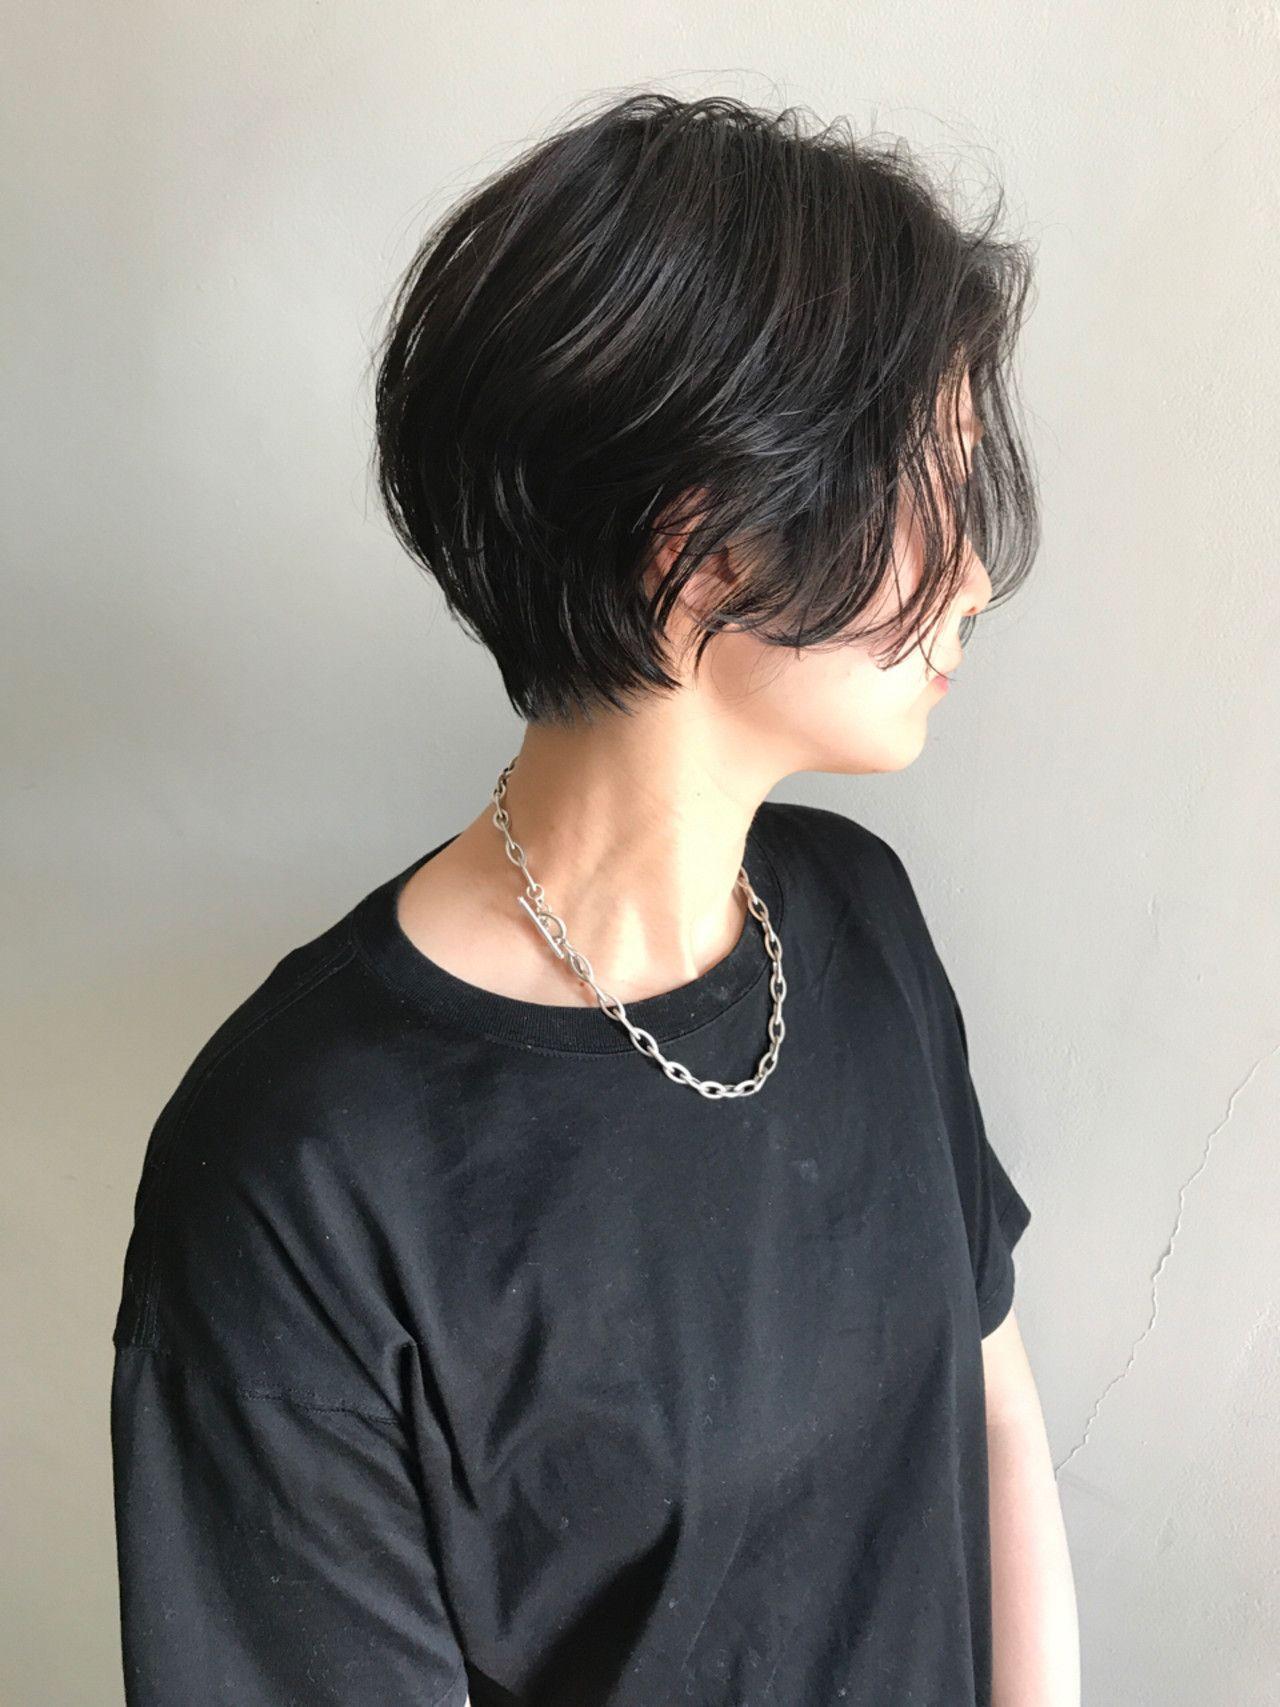 ストリート かっこいい ショート ラフ×NOESALON×祖父江基志×389682【HAIR】